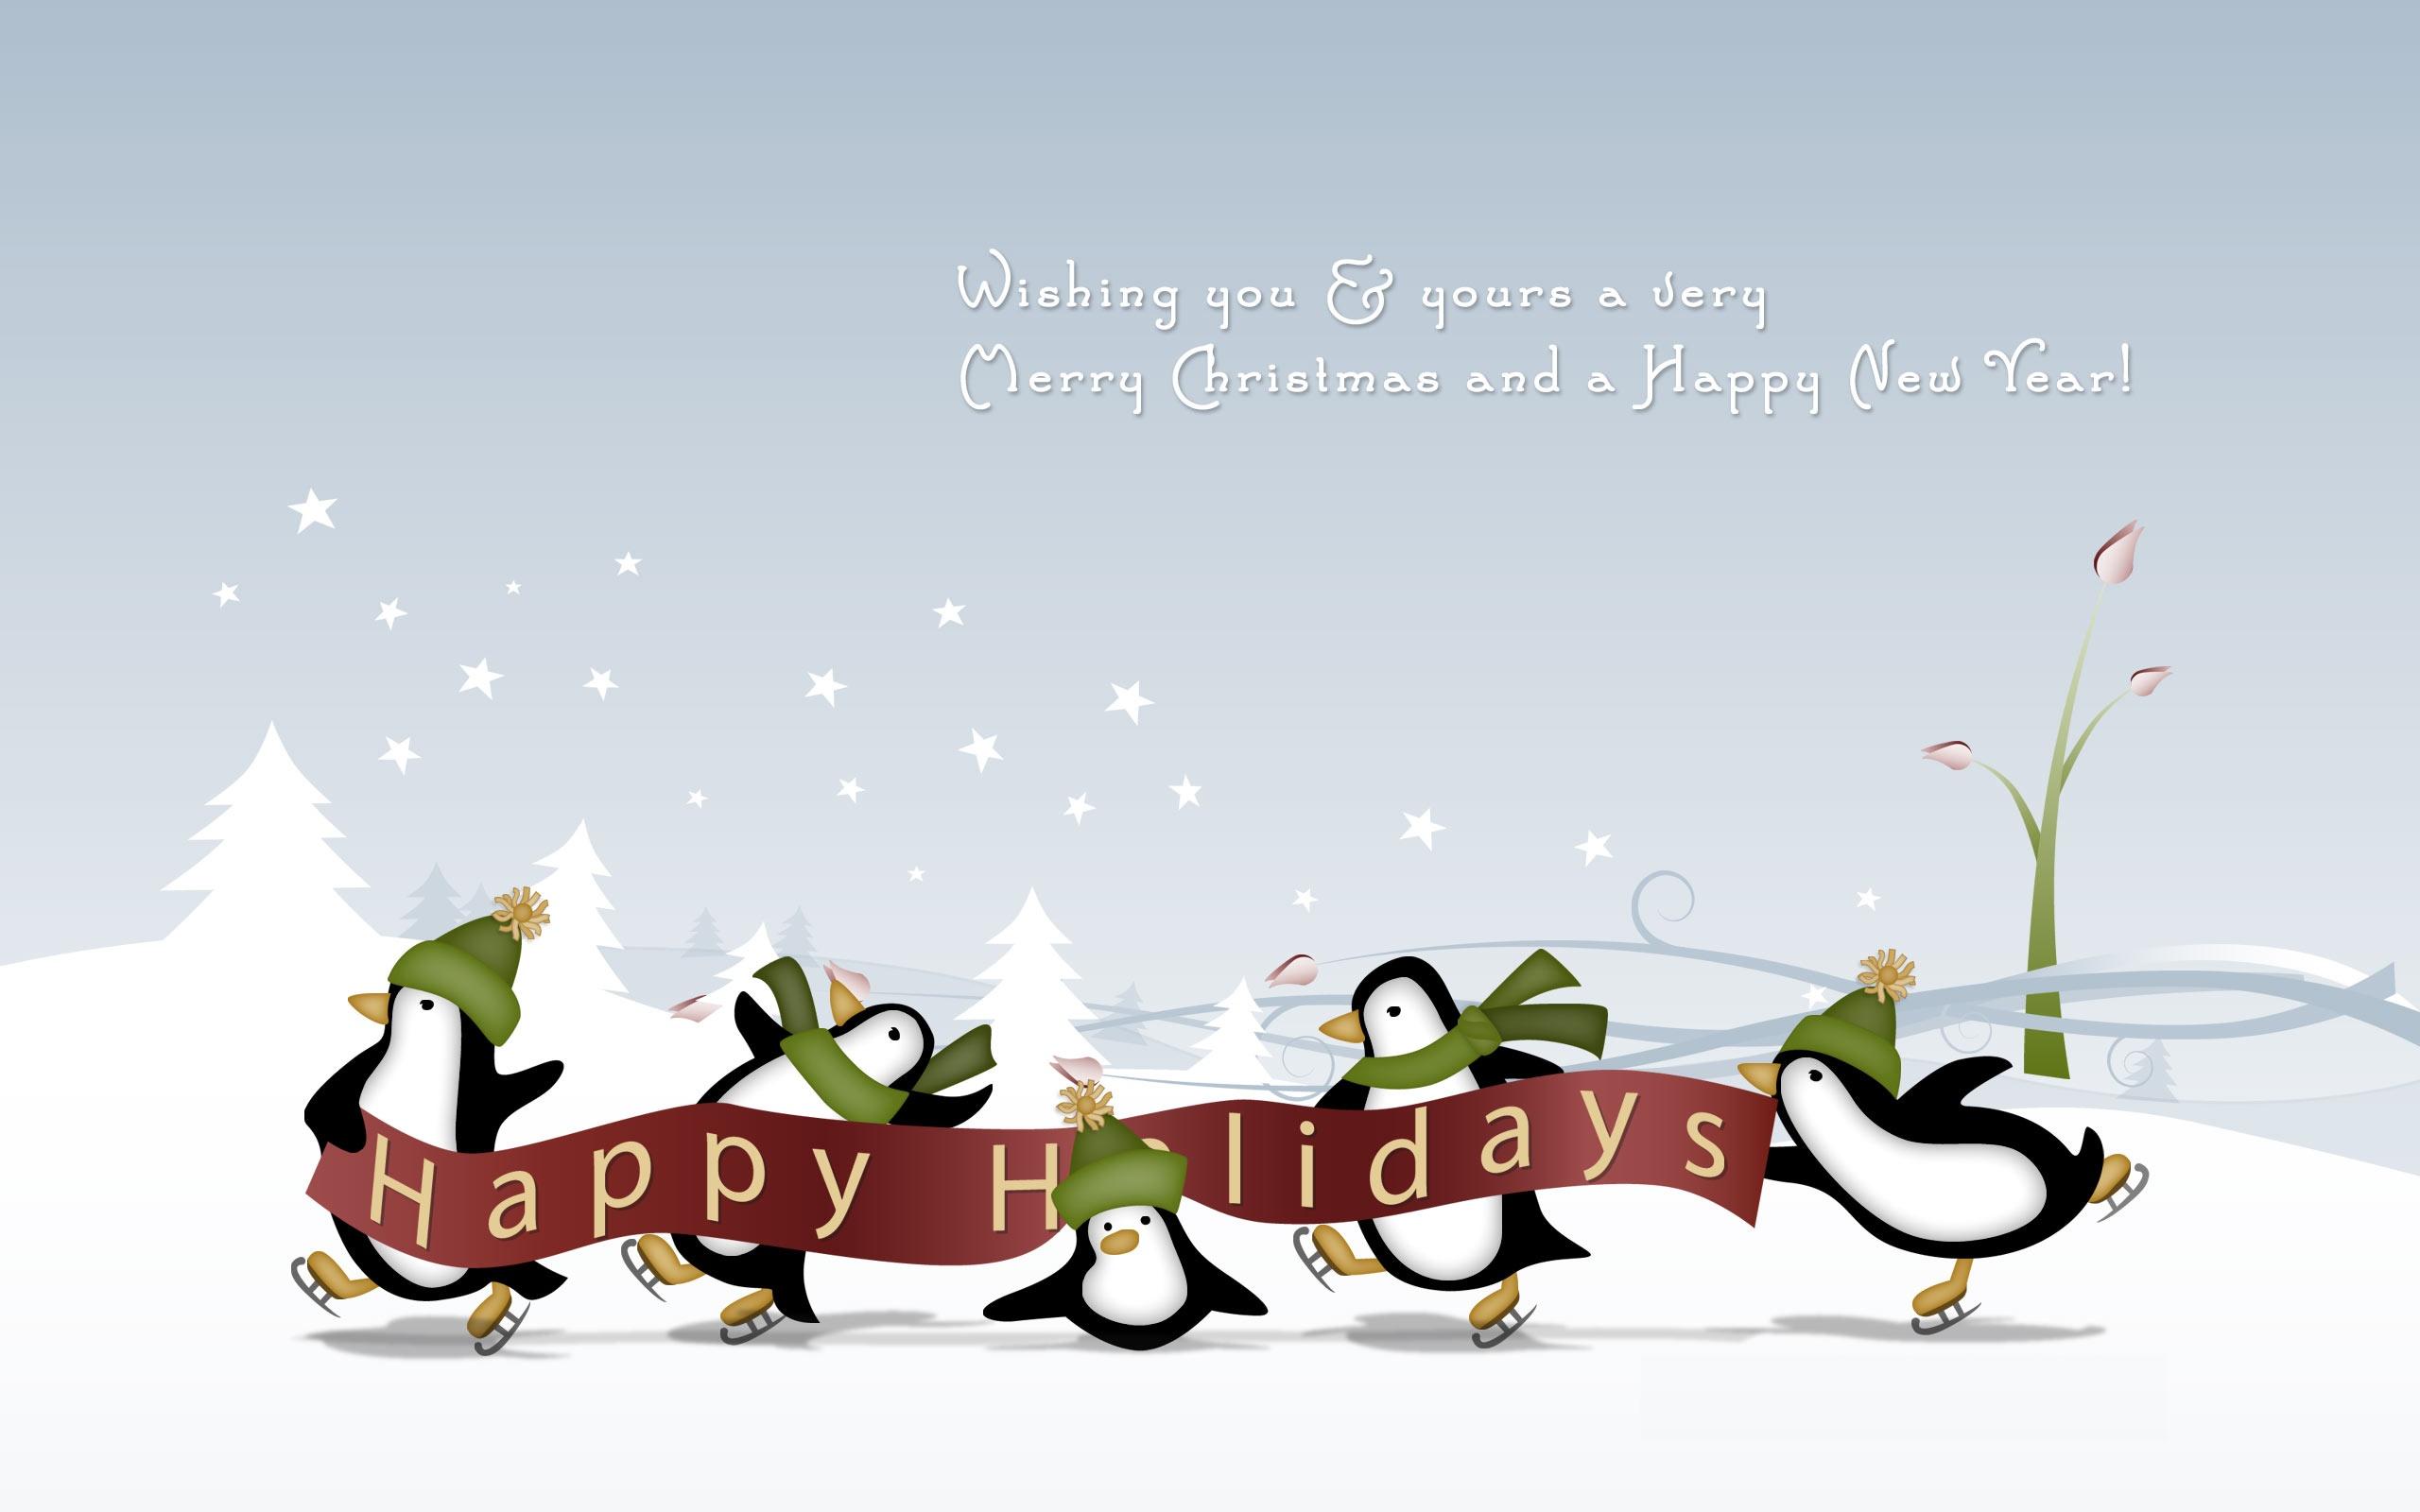 Happy Holidays Wallpapers Desktop 2560x1600 px WallpapersExpertcom 2560x1600